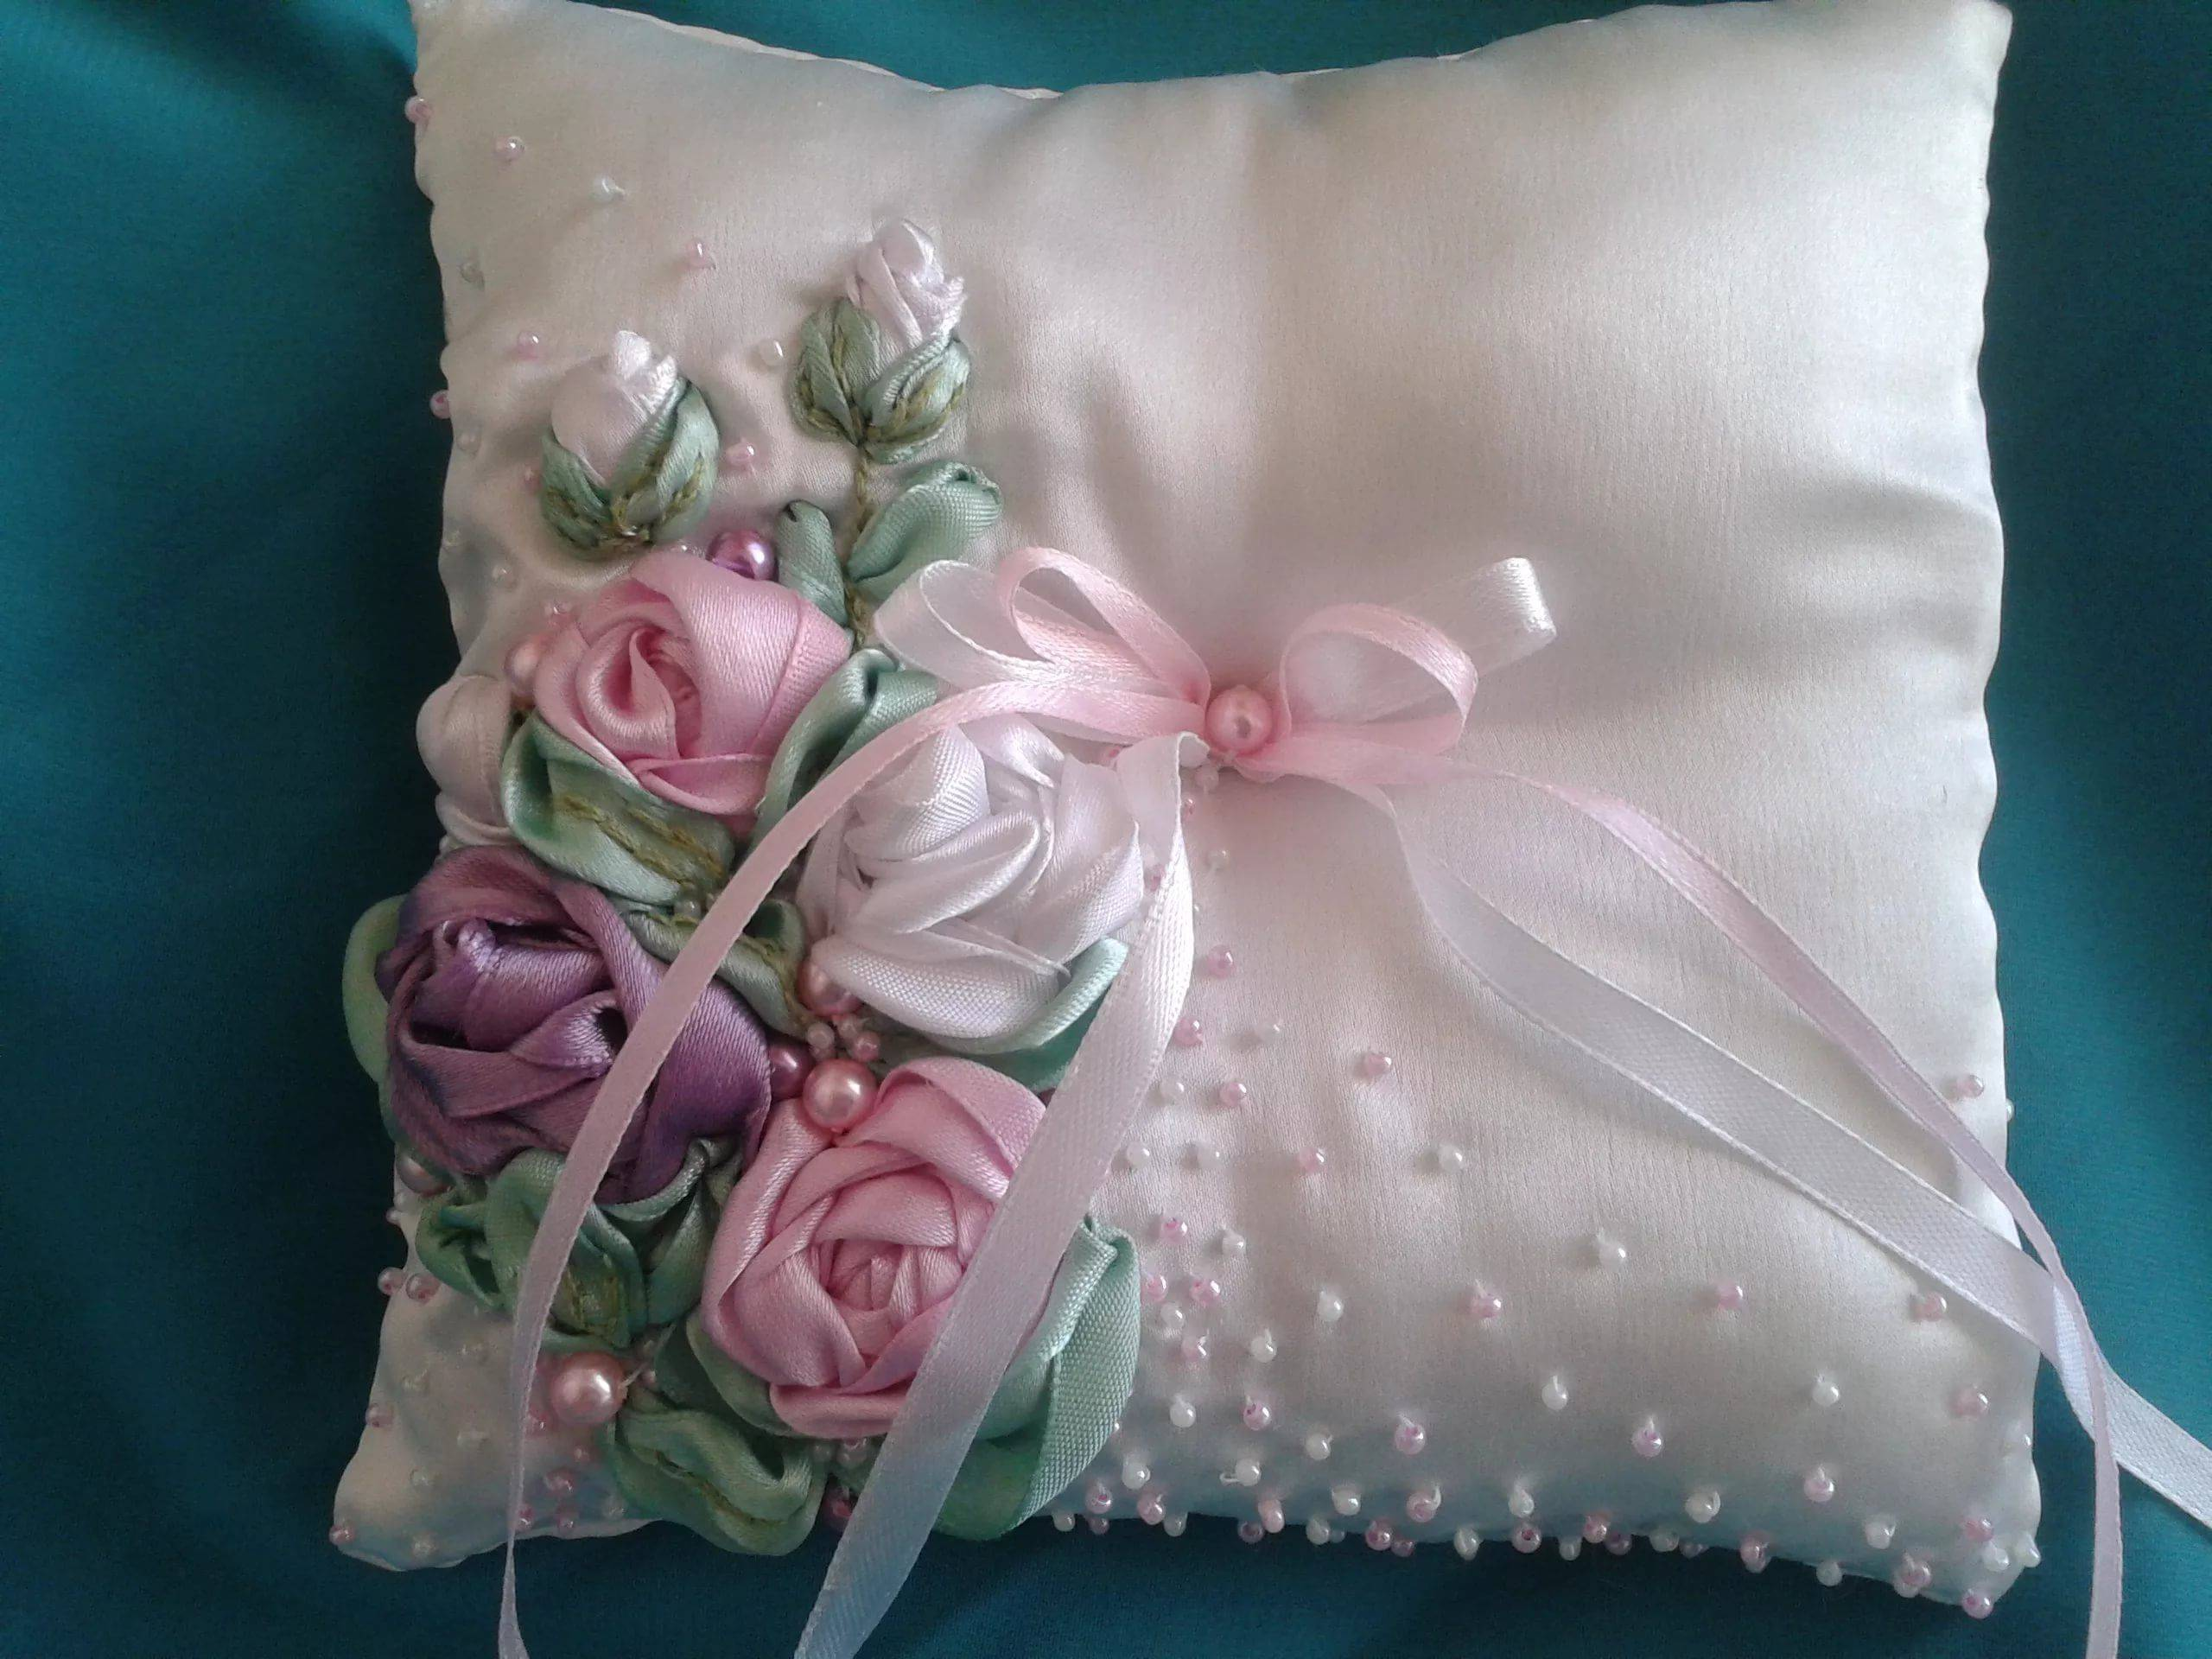 Свадебная подушечка для колец своими руками: мастер-класс с пошаговыми фото